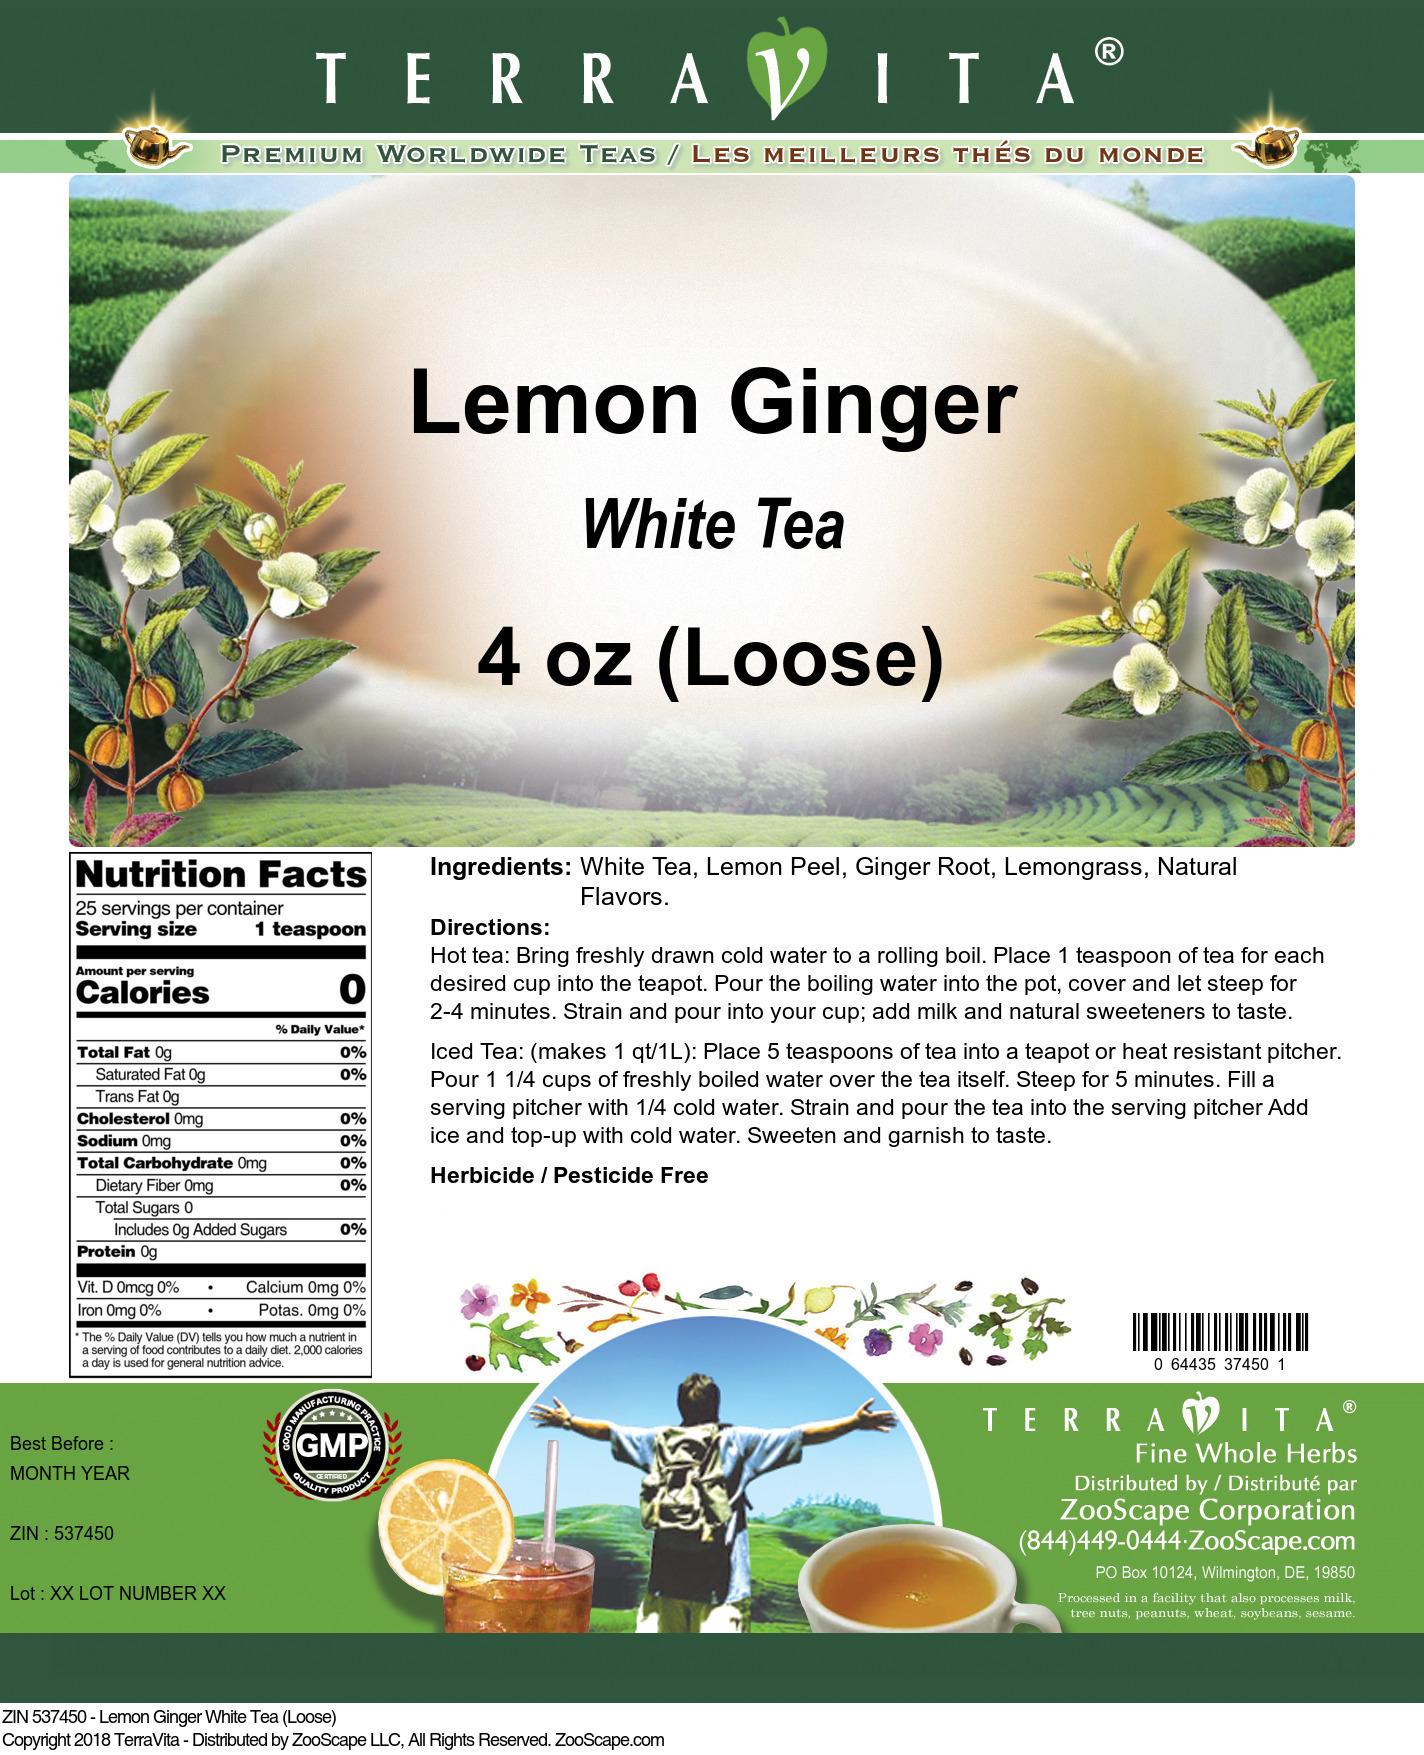 Lemon Ginger White Tea (Loose)